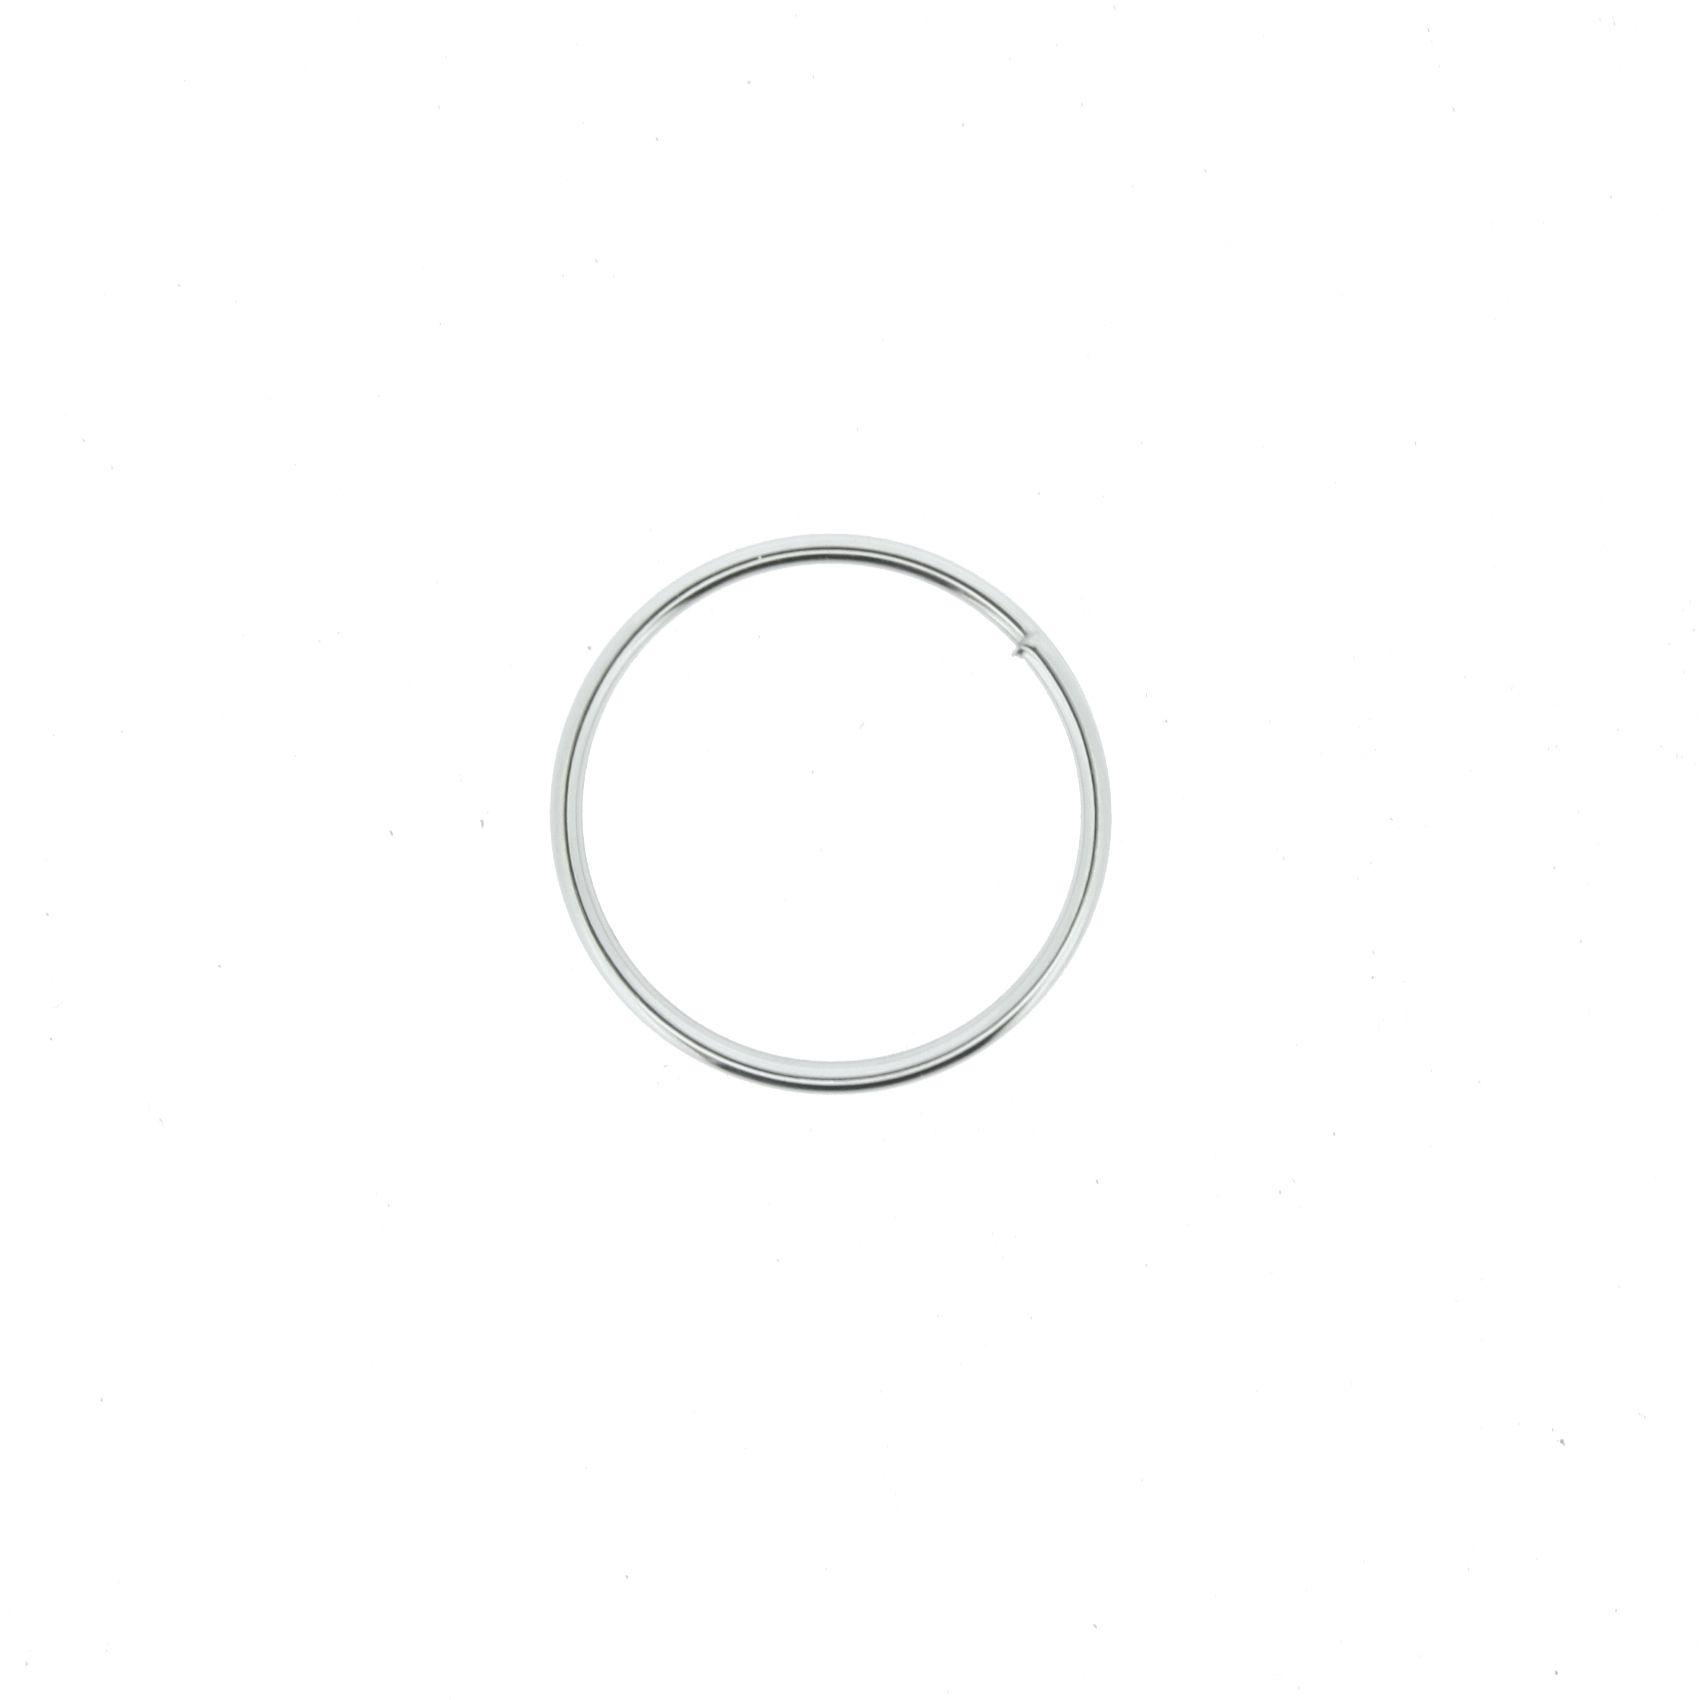 Argola p/ Chaveiro - Níquel - 16mm  - Stéphanie Bijoux® - Peças para Bijuterias e Artesanato